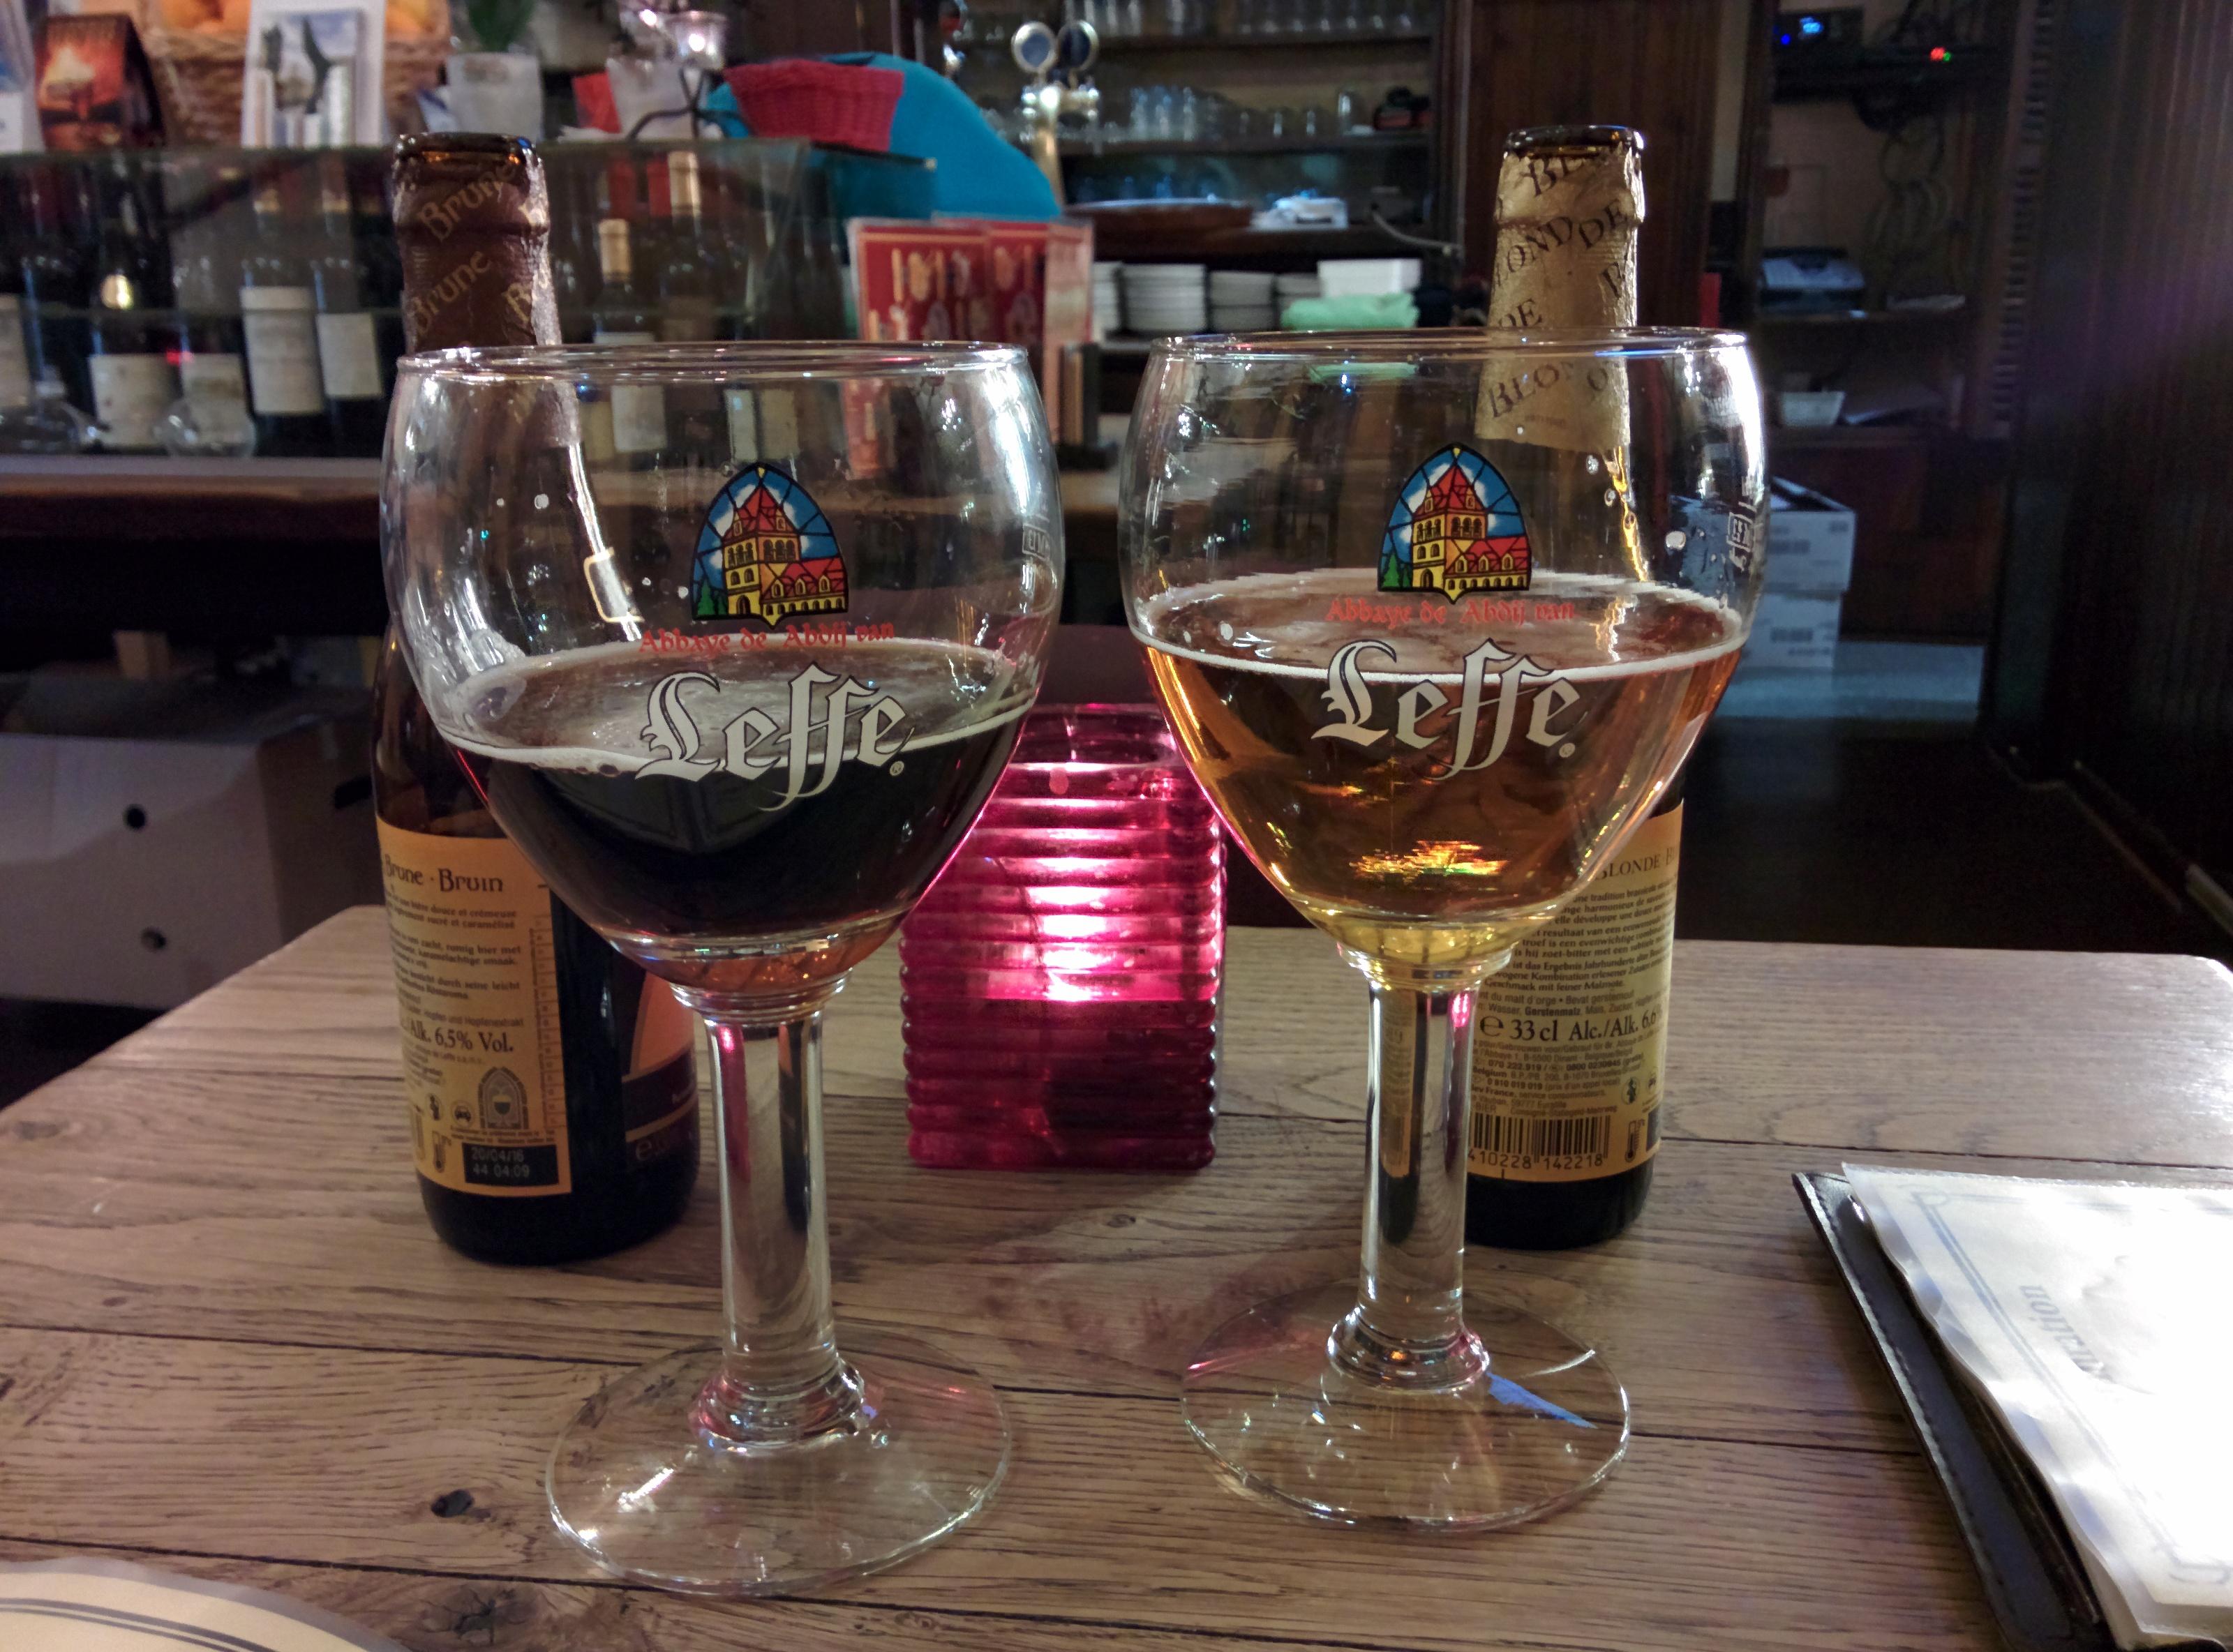 Leffe birra belga Bruxelles